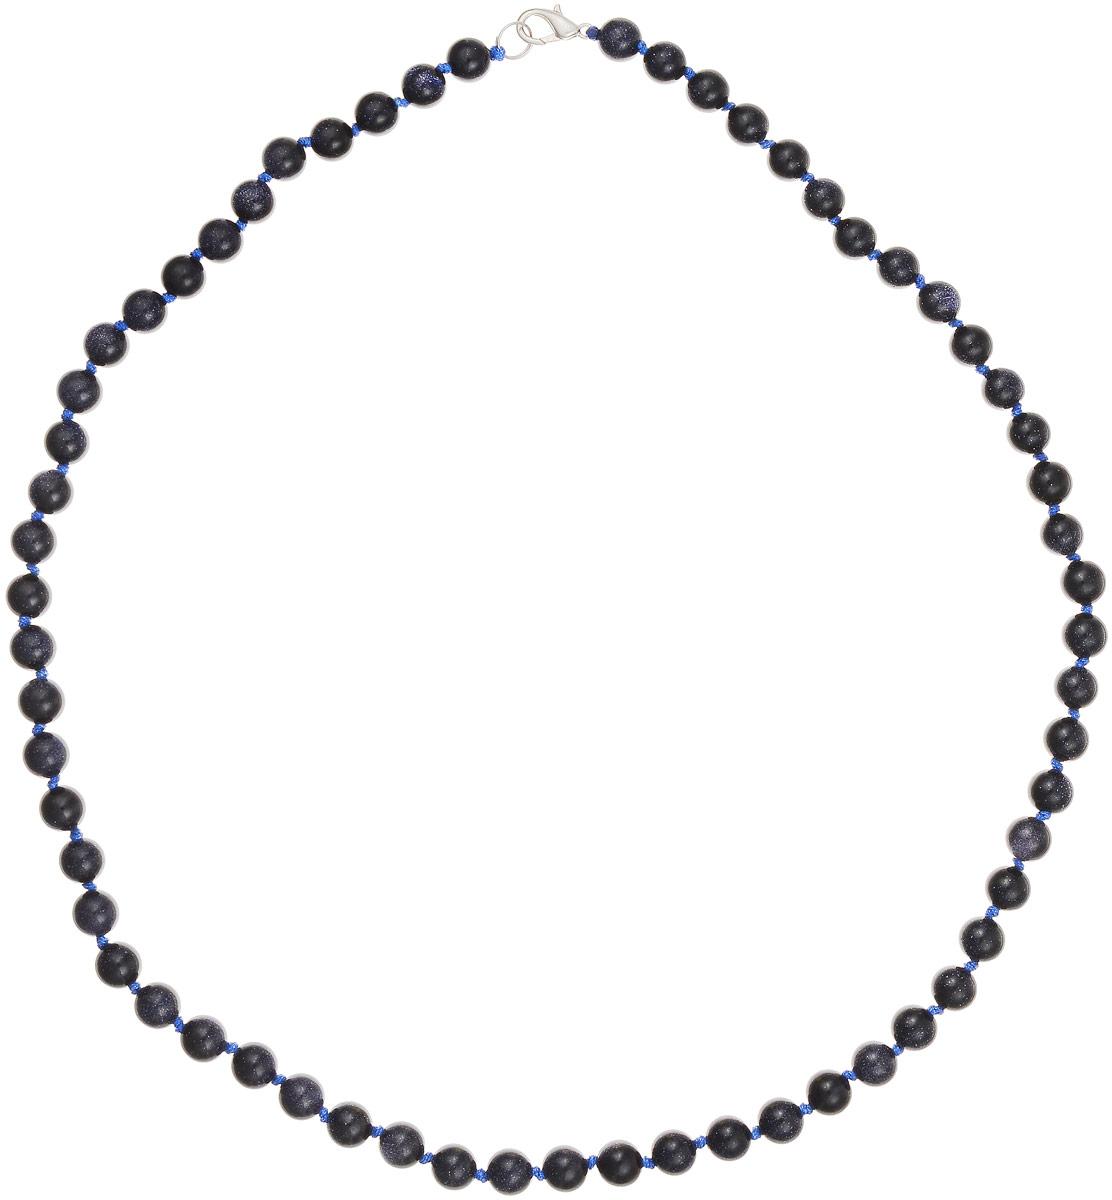 Бусы Art-Silver, цвет: темно-синий, длина 60 см. Ав8-60-423Бусы-ниткаБусы Art-Silver выполнены из авантюрина, нанизанного на текстильную нить. Украшение застегивается на практичный карабин из бижутерного сплава. Бусины диаметром 6 мм имеют характерный для натурального авантюрина блеск, напоминающий множество блесток, заключенных внутри камня, благодаря чему такие бусы красиво играют на свету. Нить окрашена в синий цвет, что подчеркивает оригинальные переливы бусин.